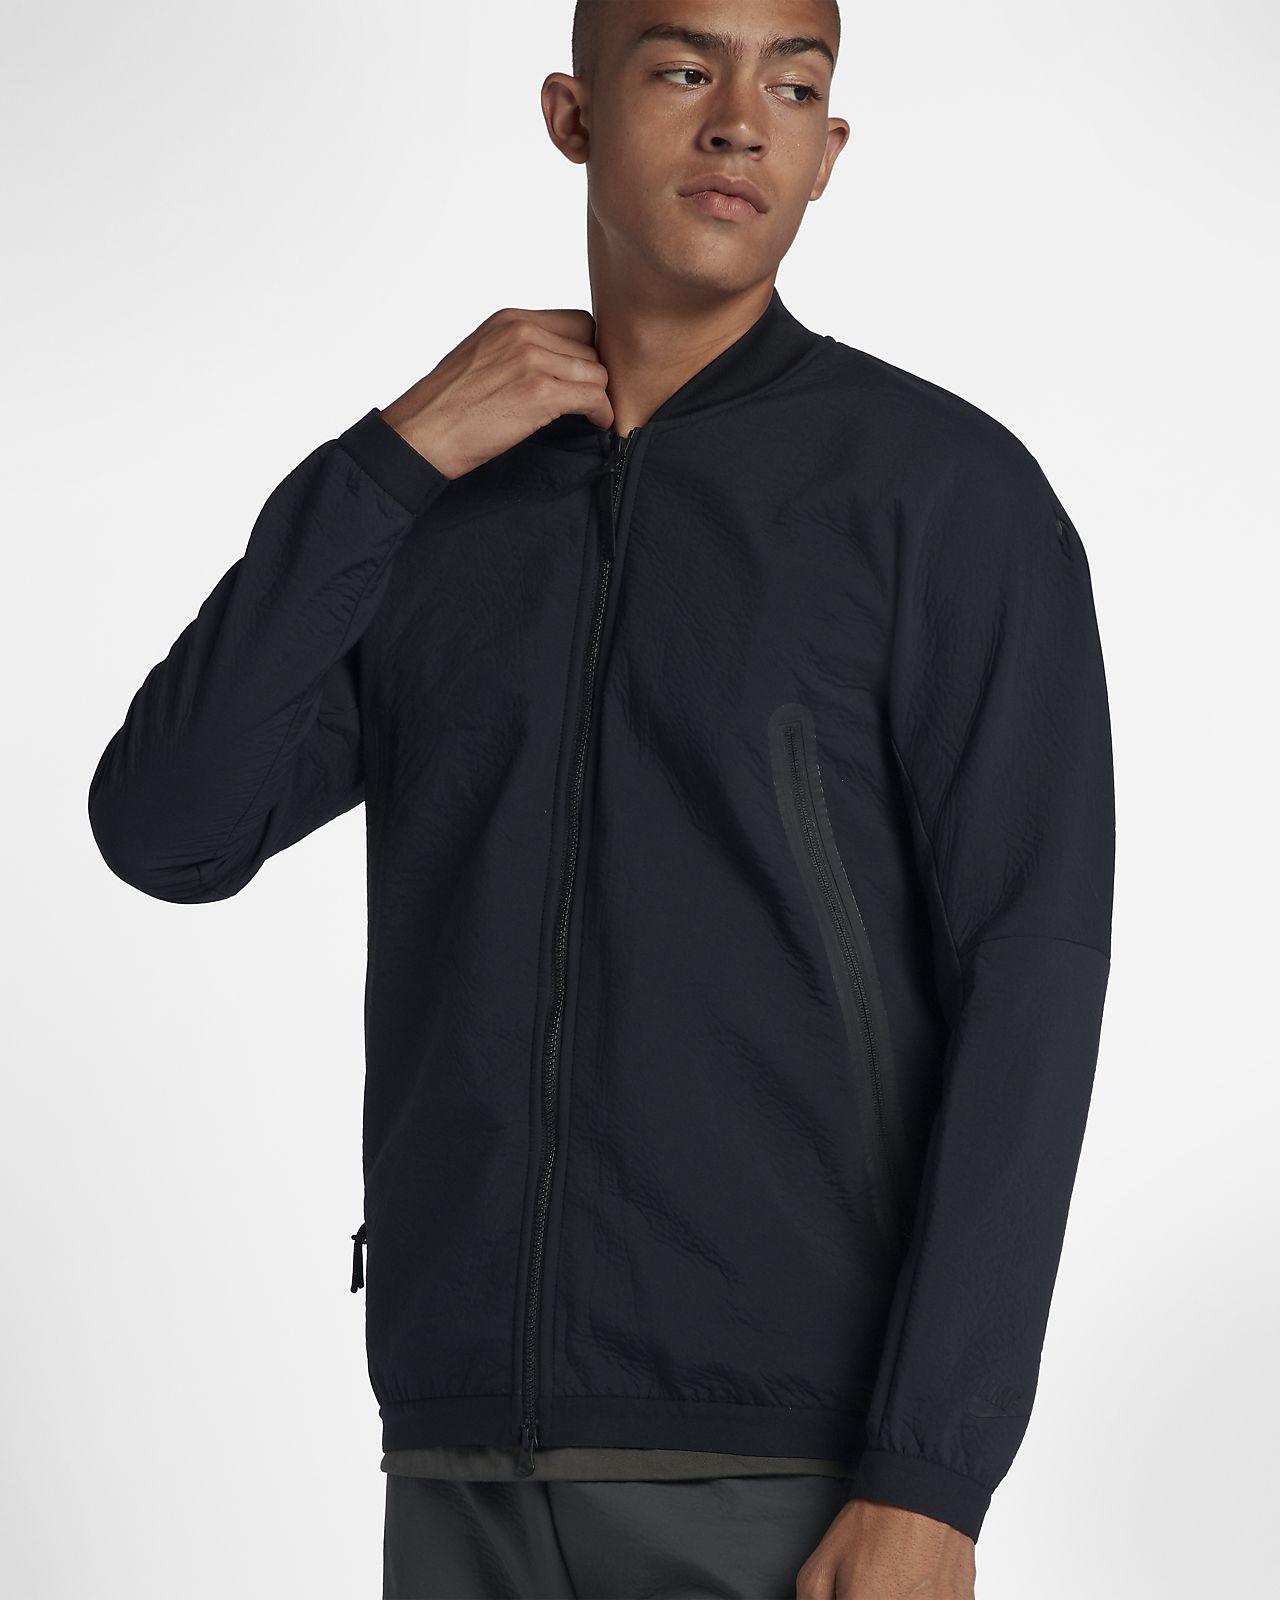 Vævet Nike Sportswear Tech Pack-løbejakke